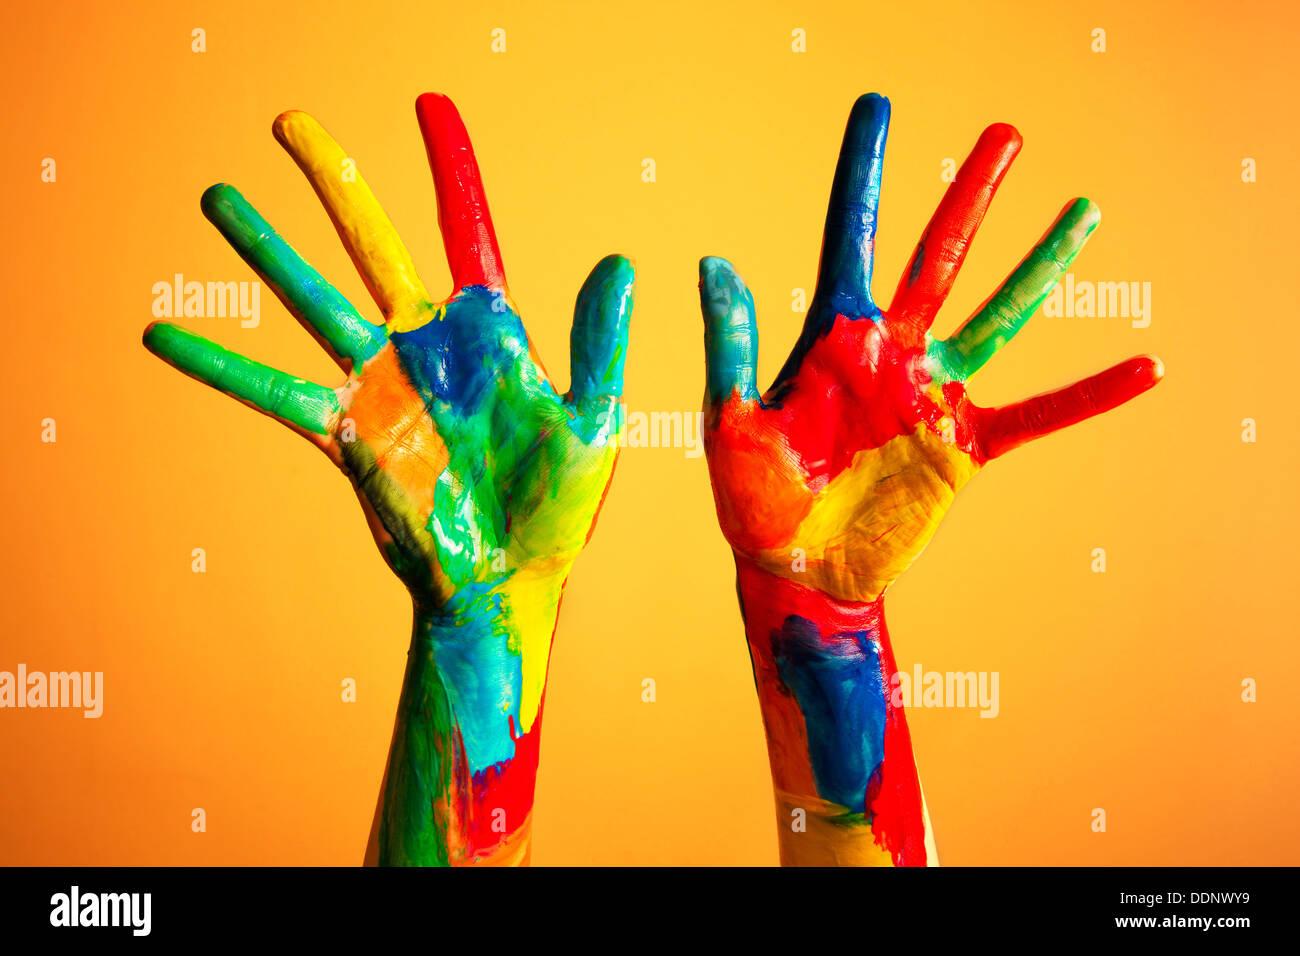 Colorido manos - creatividad artística / artista / / ideas / felicidad / concepto de diversidad Imagen De Stock